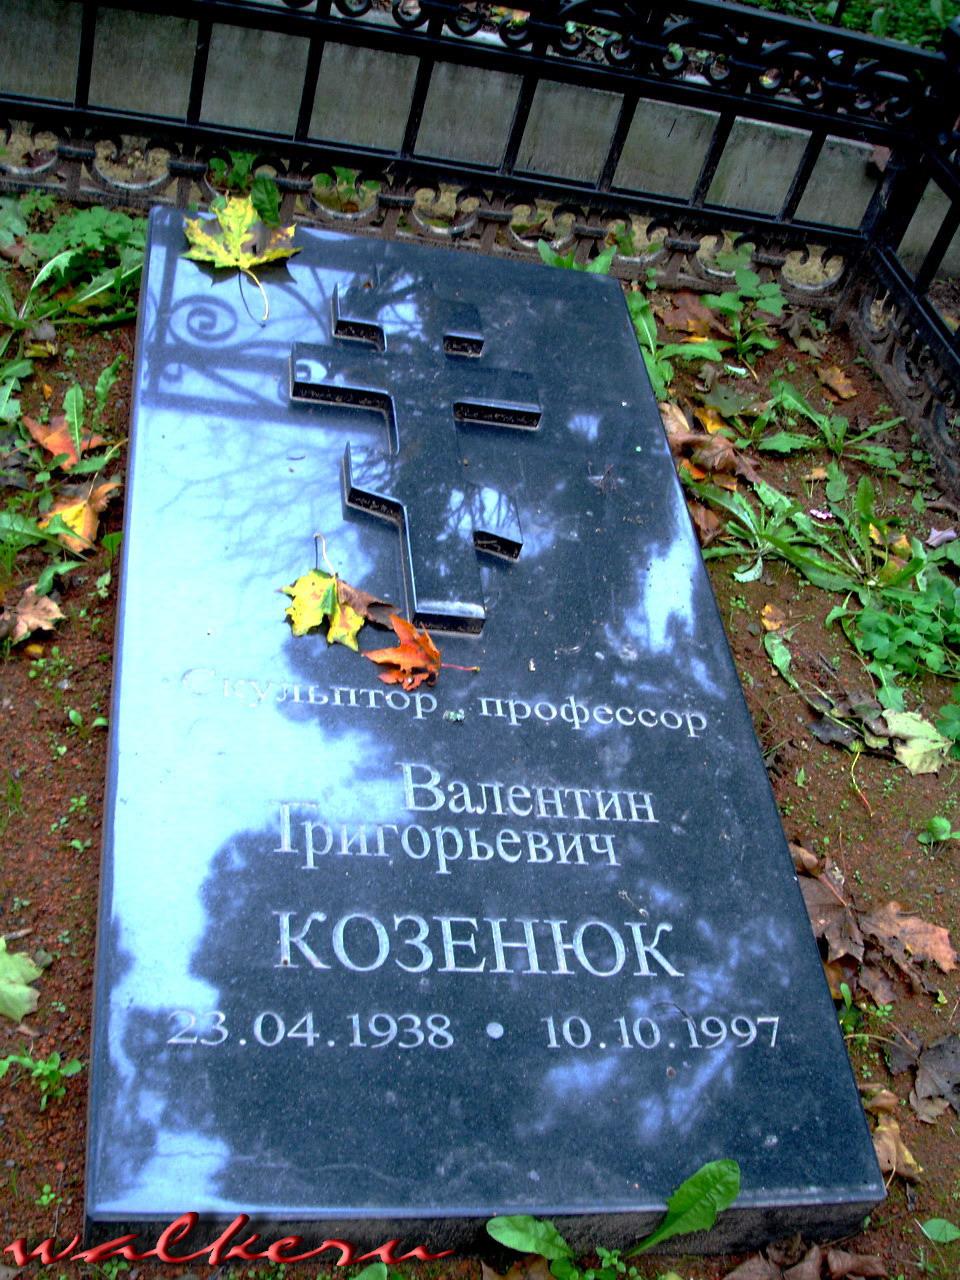 Могила Козенюка В.Г. Кузьминском кладбище